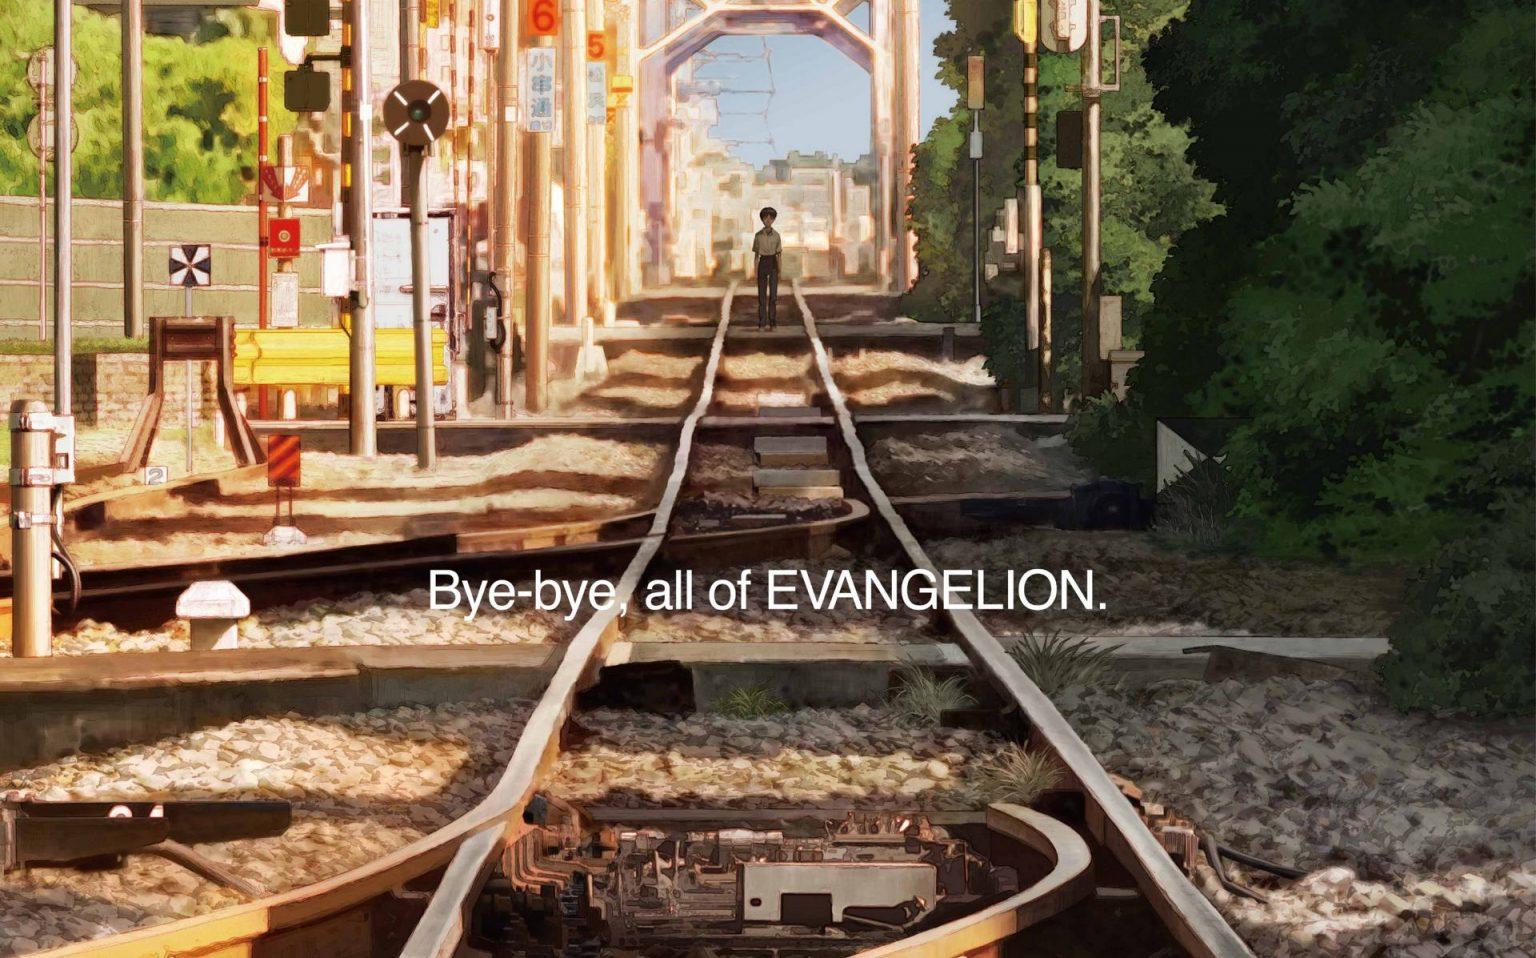 Filme 'Evangelion: 3.0+1.0' tem data de estreia divulgada